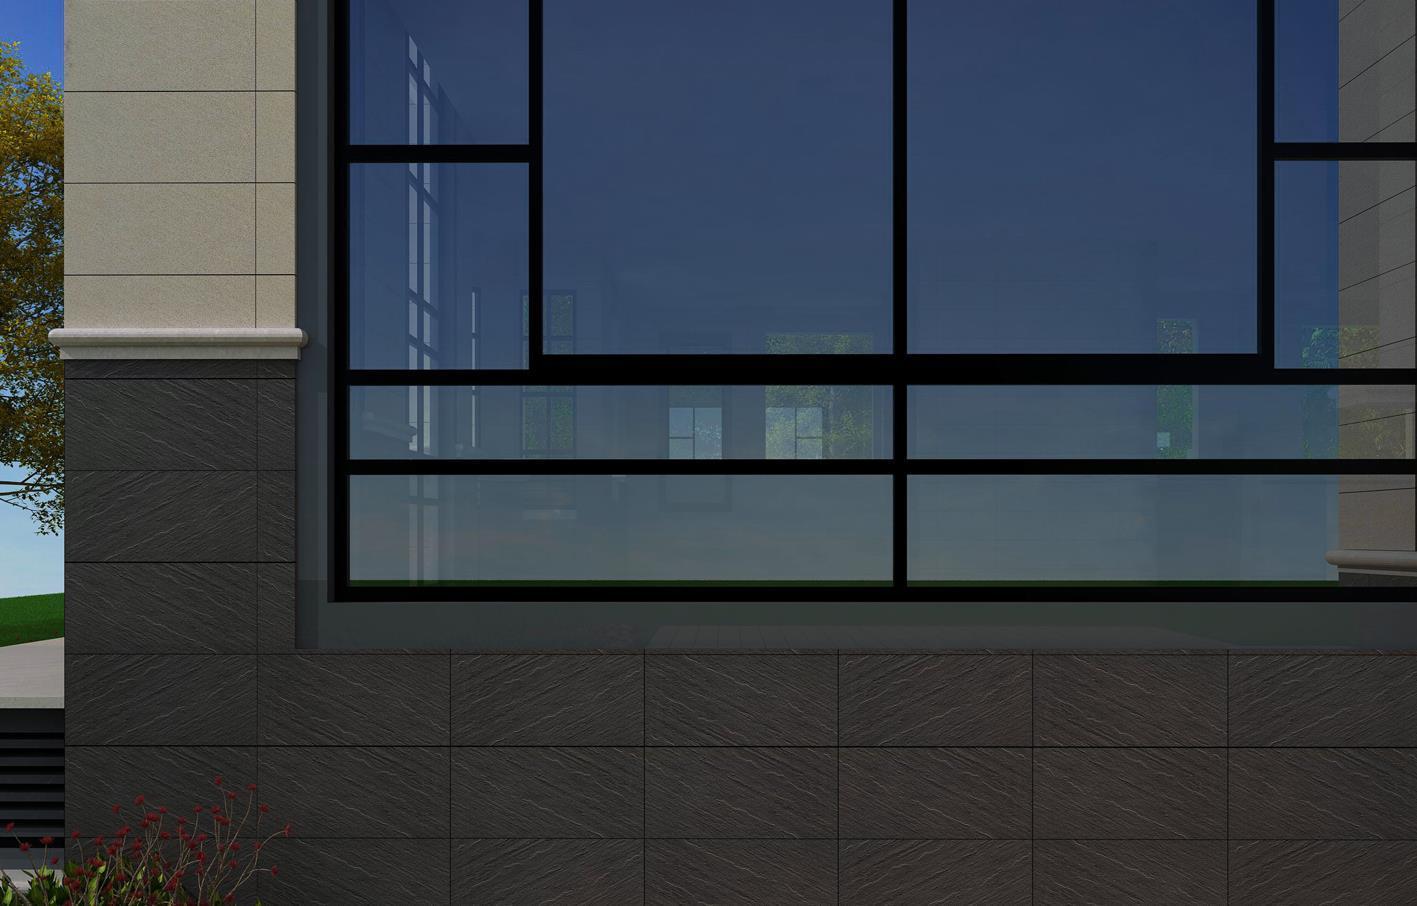 什么是瓷砖幕墙?瓷砖幕墙有哪些特点?